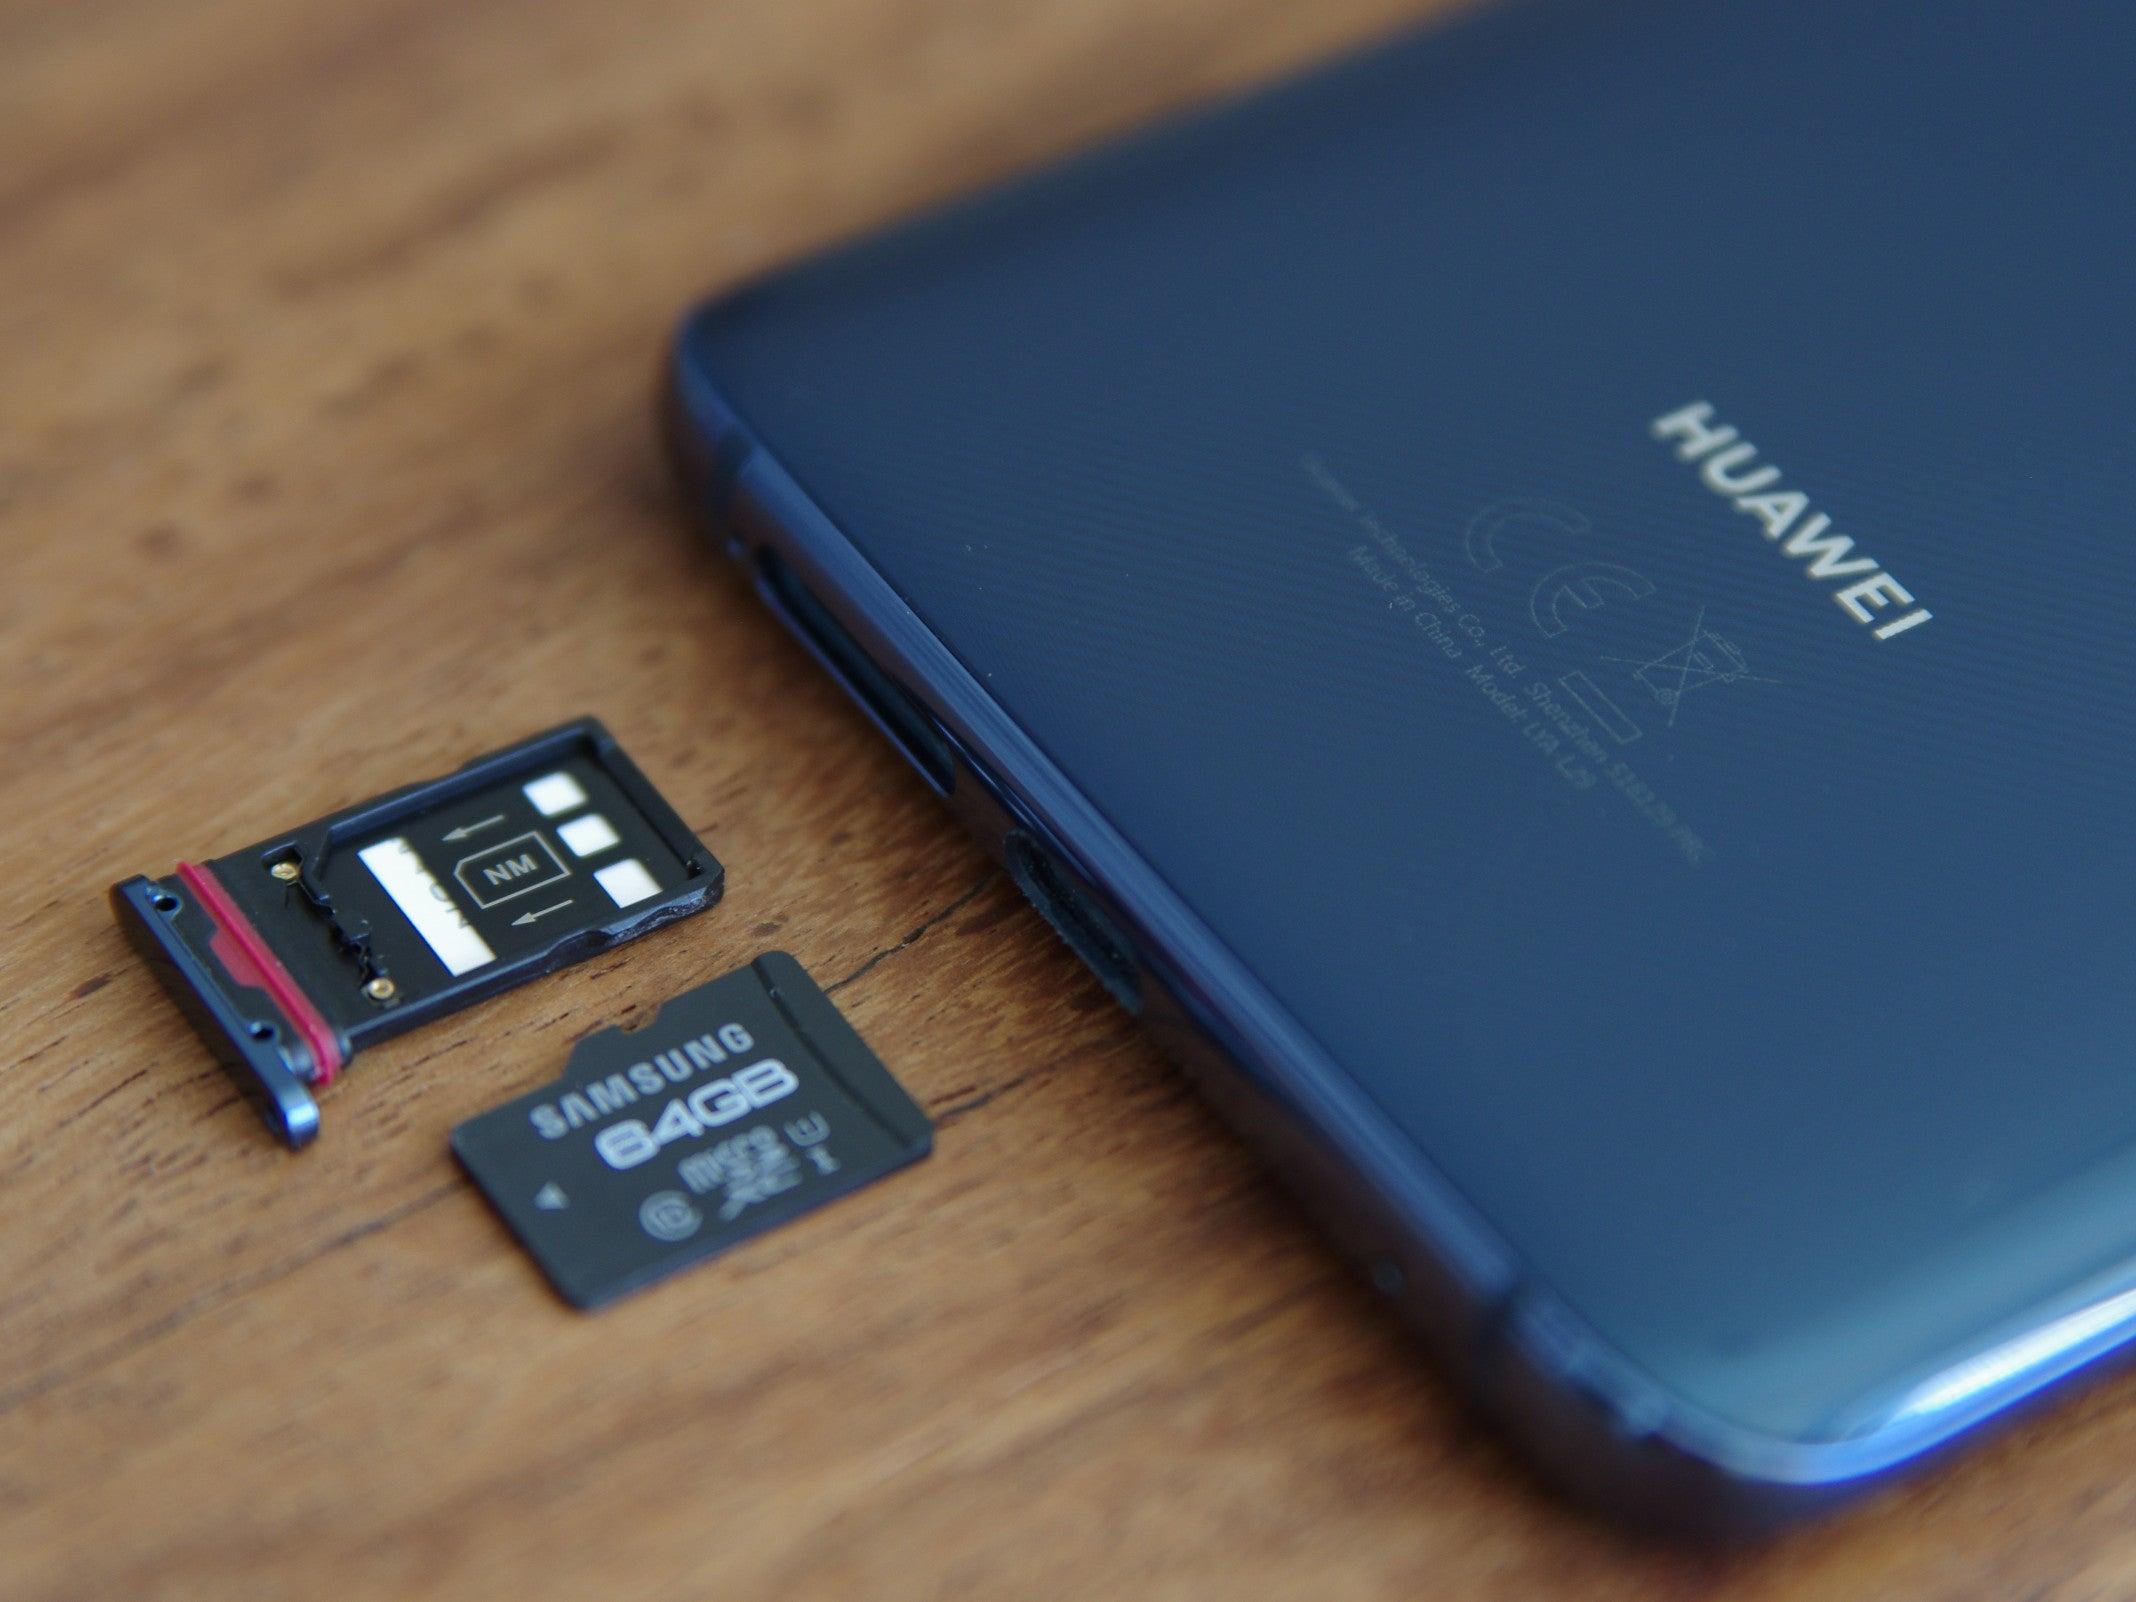 NM Card: Darum verzichtet Huawei auf die MicroSD-Speicherkarte